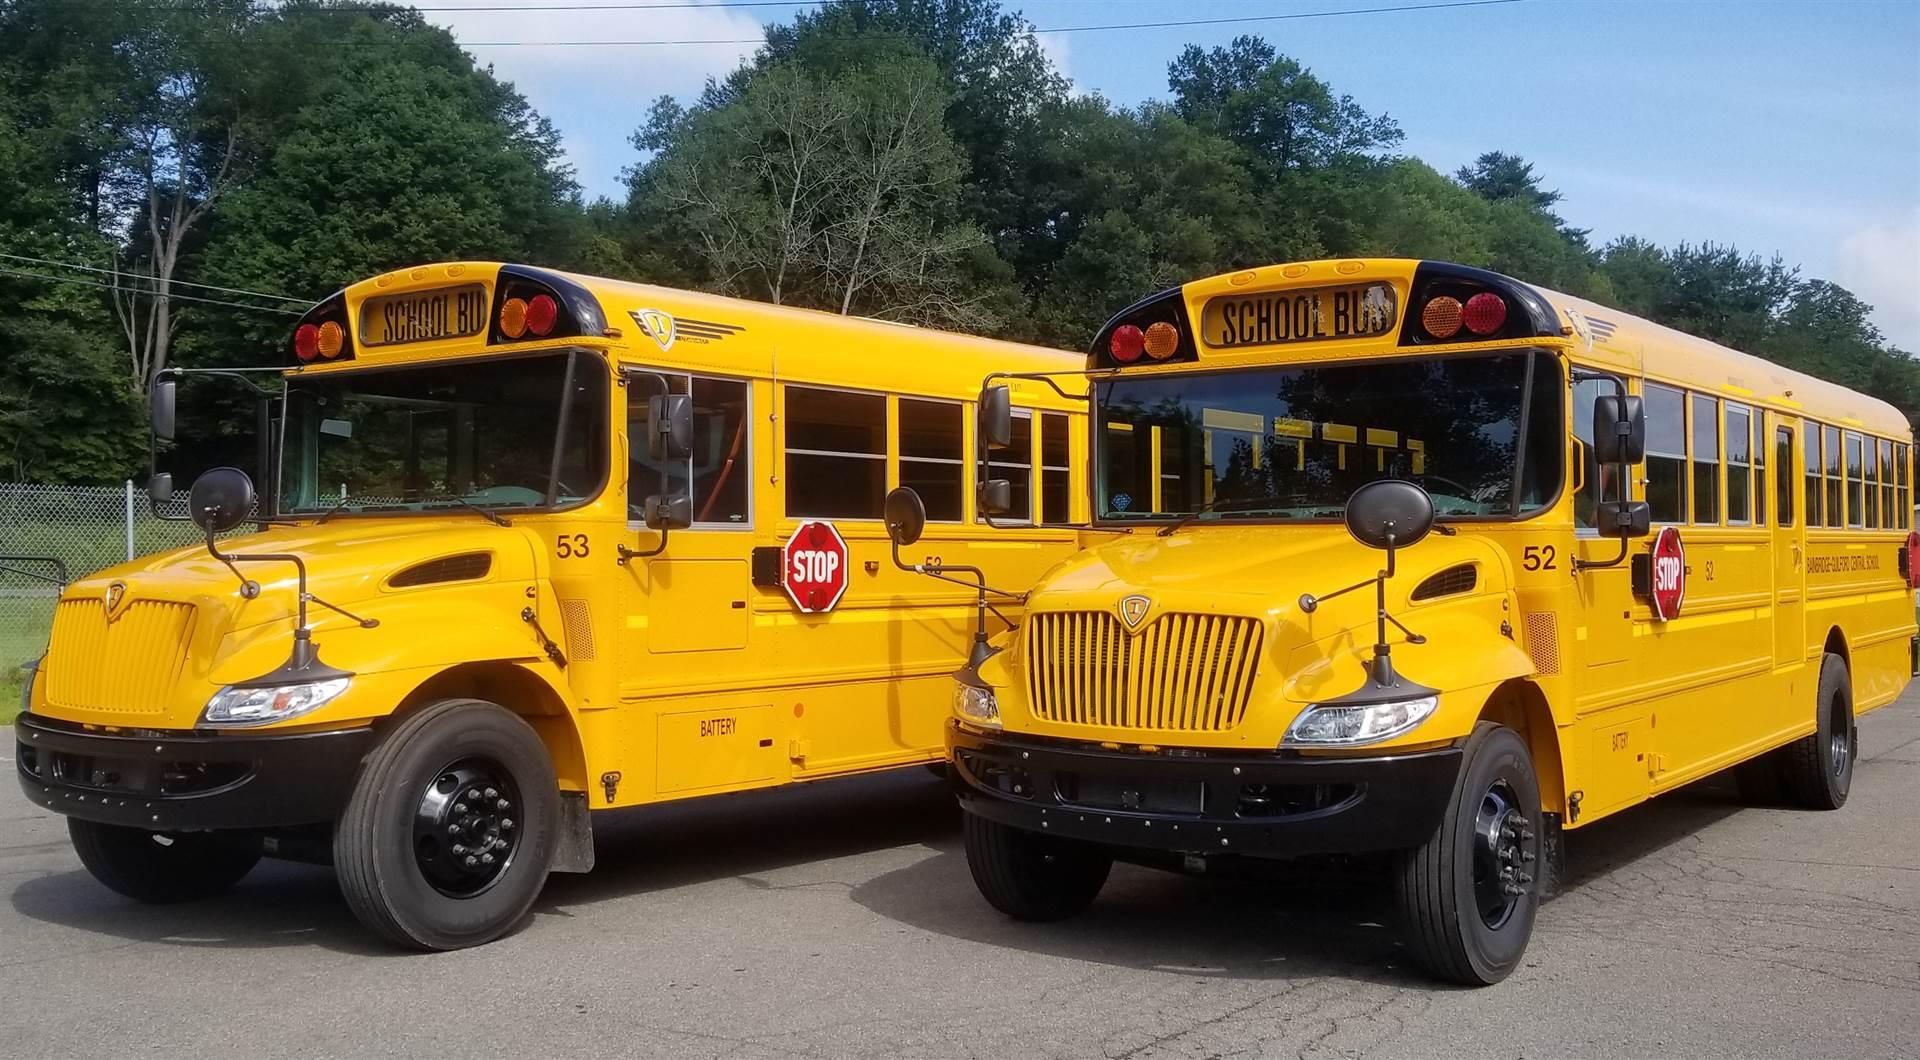 New diesel School Buses 52 and 53